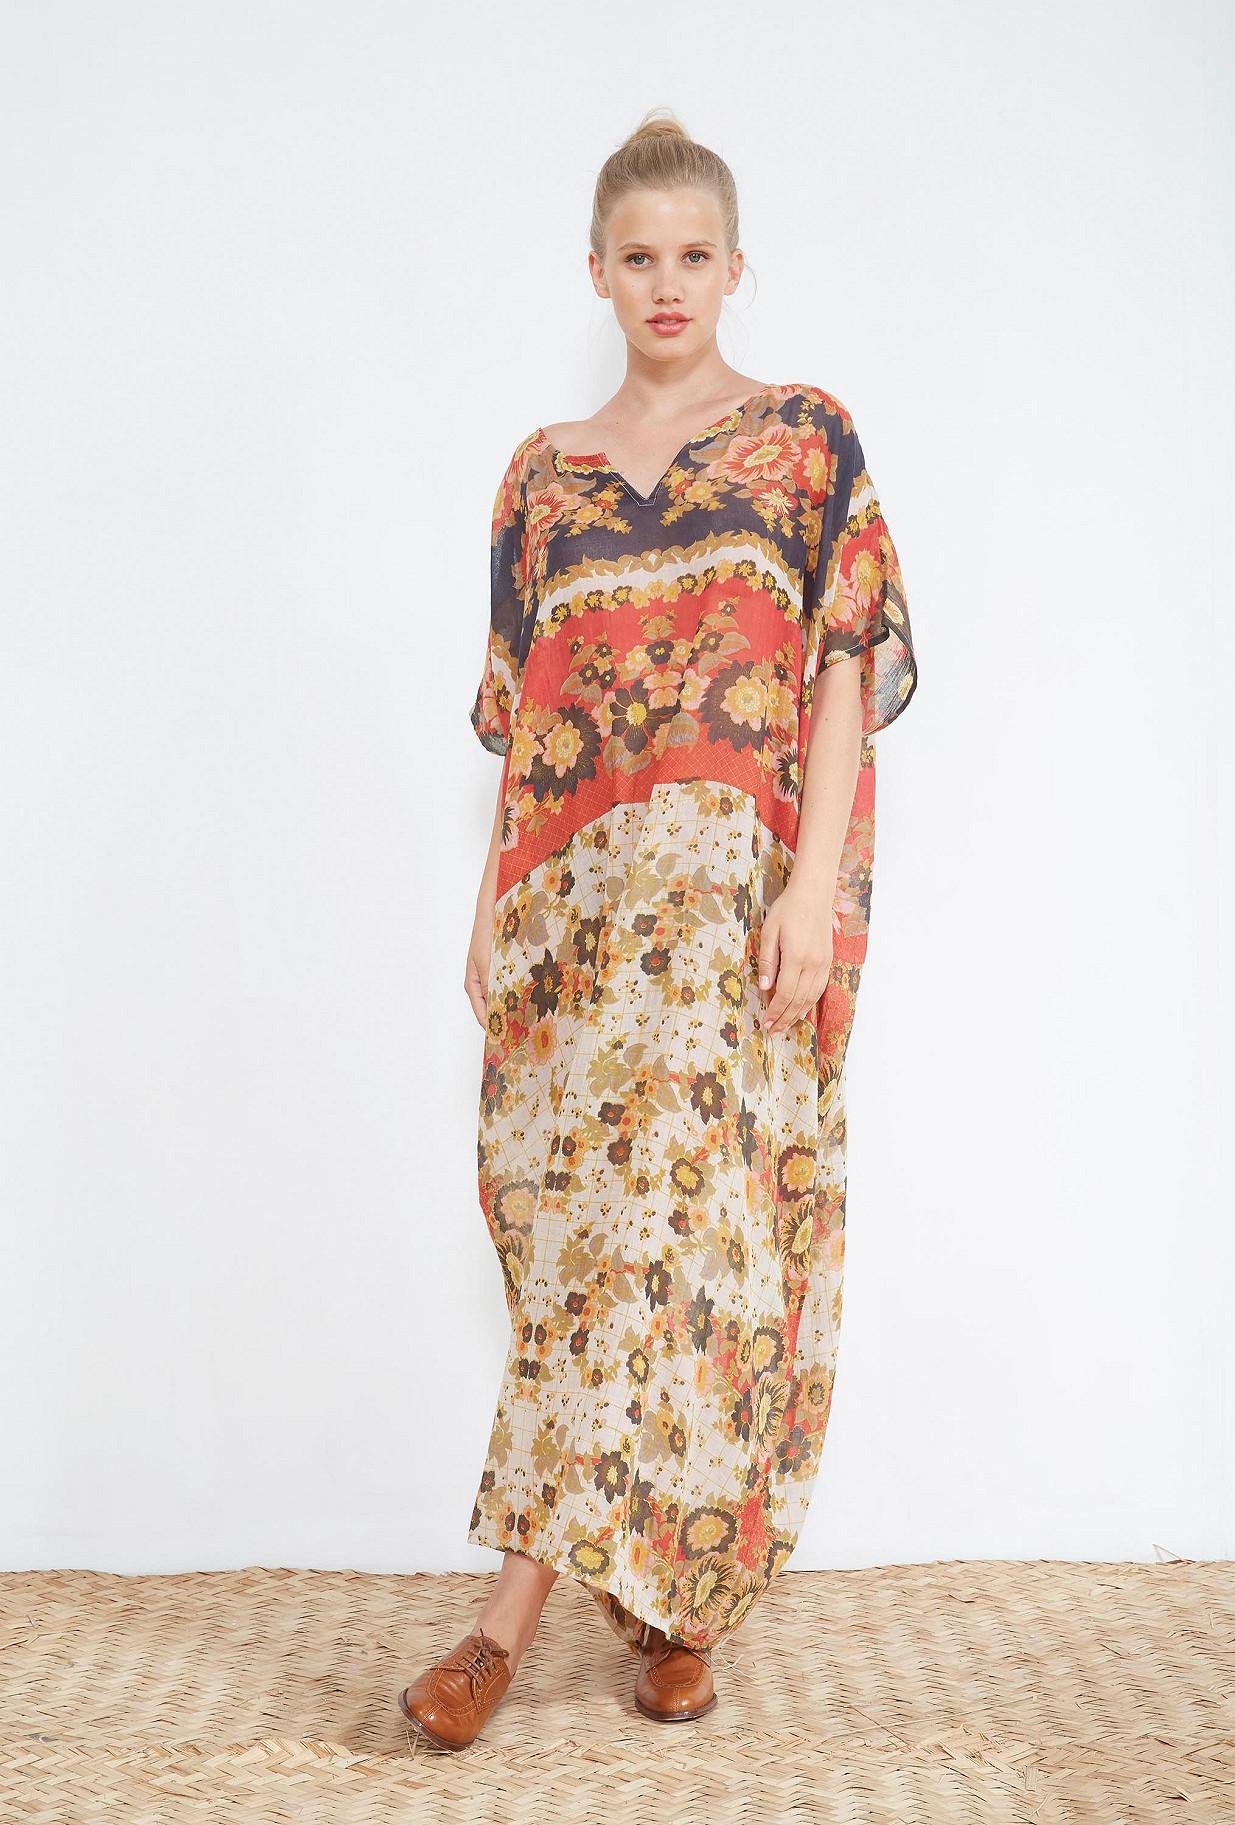 Floral print DRESS Maria Mes Demoiselles Paris